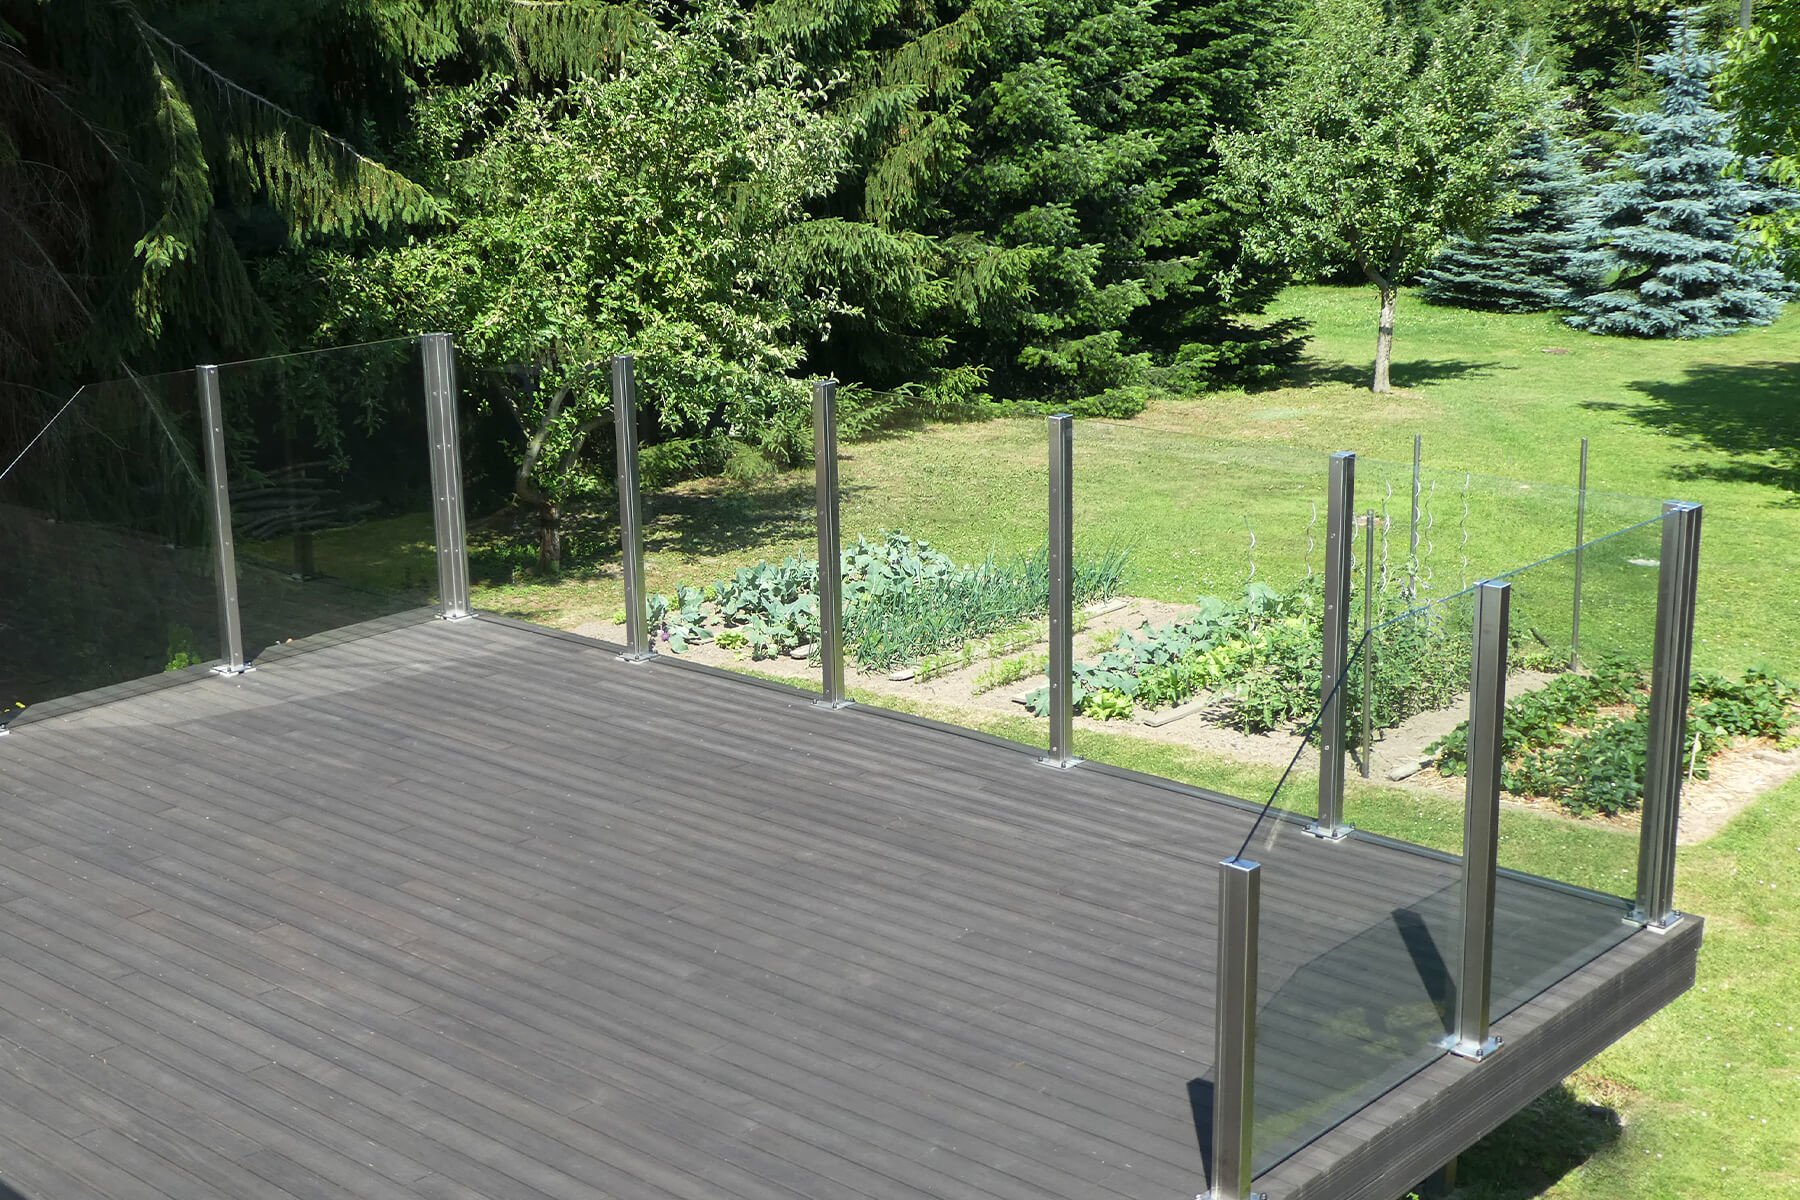 Geschlossener winddichter Glaszaun ohne Sichteinschränkung in cleaner Optik für Garten und Terrasse